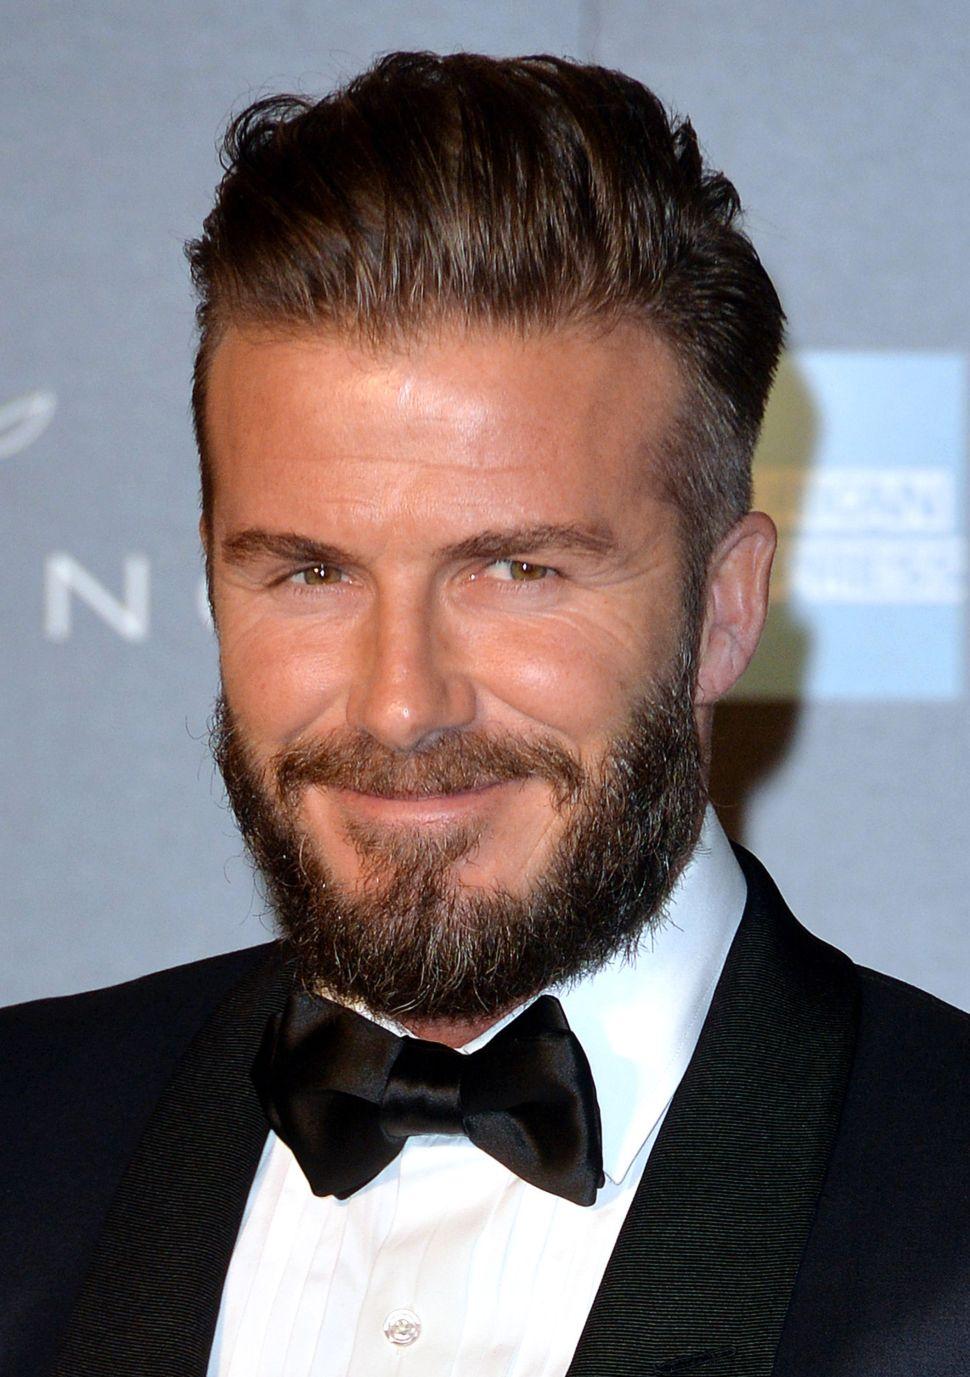 Beards Like Beckham's Are So Over